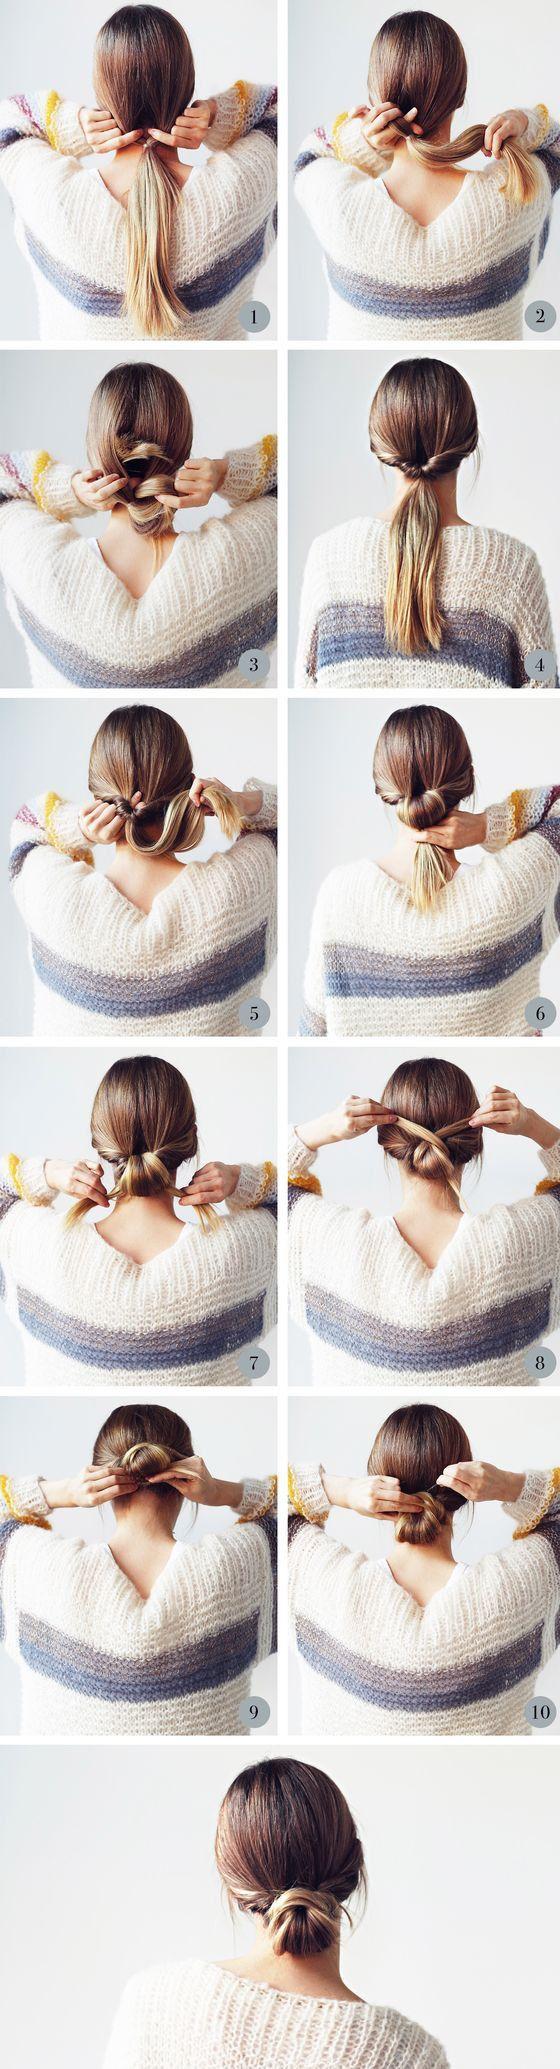 Schöne und einfache Frisur. Sunny Hair 100% remy Echthaarverlängerungen. bekomme ich… – Frisur Hochzeit